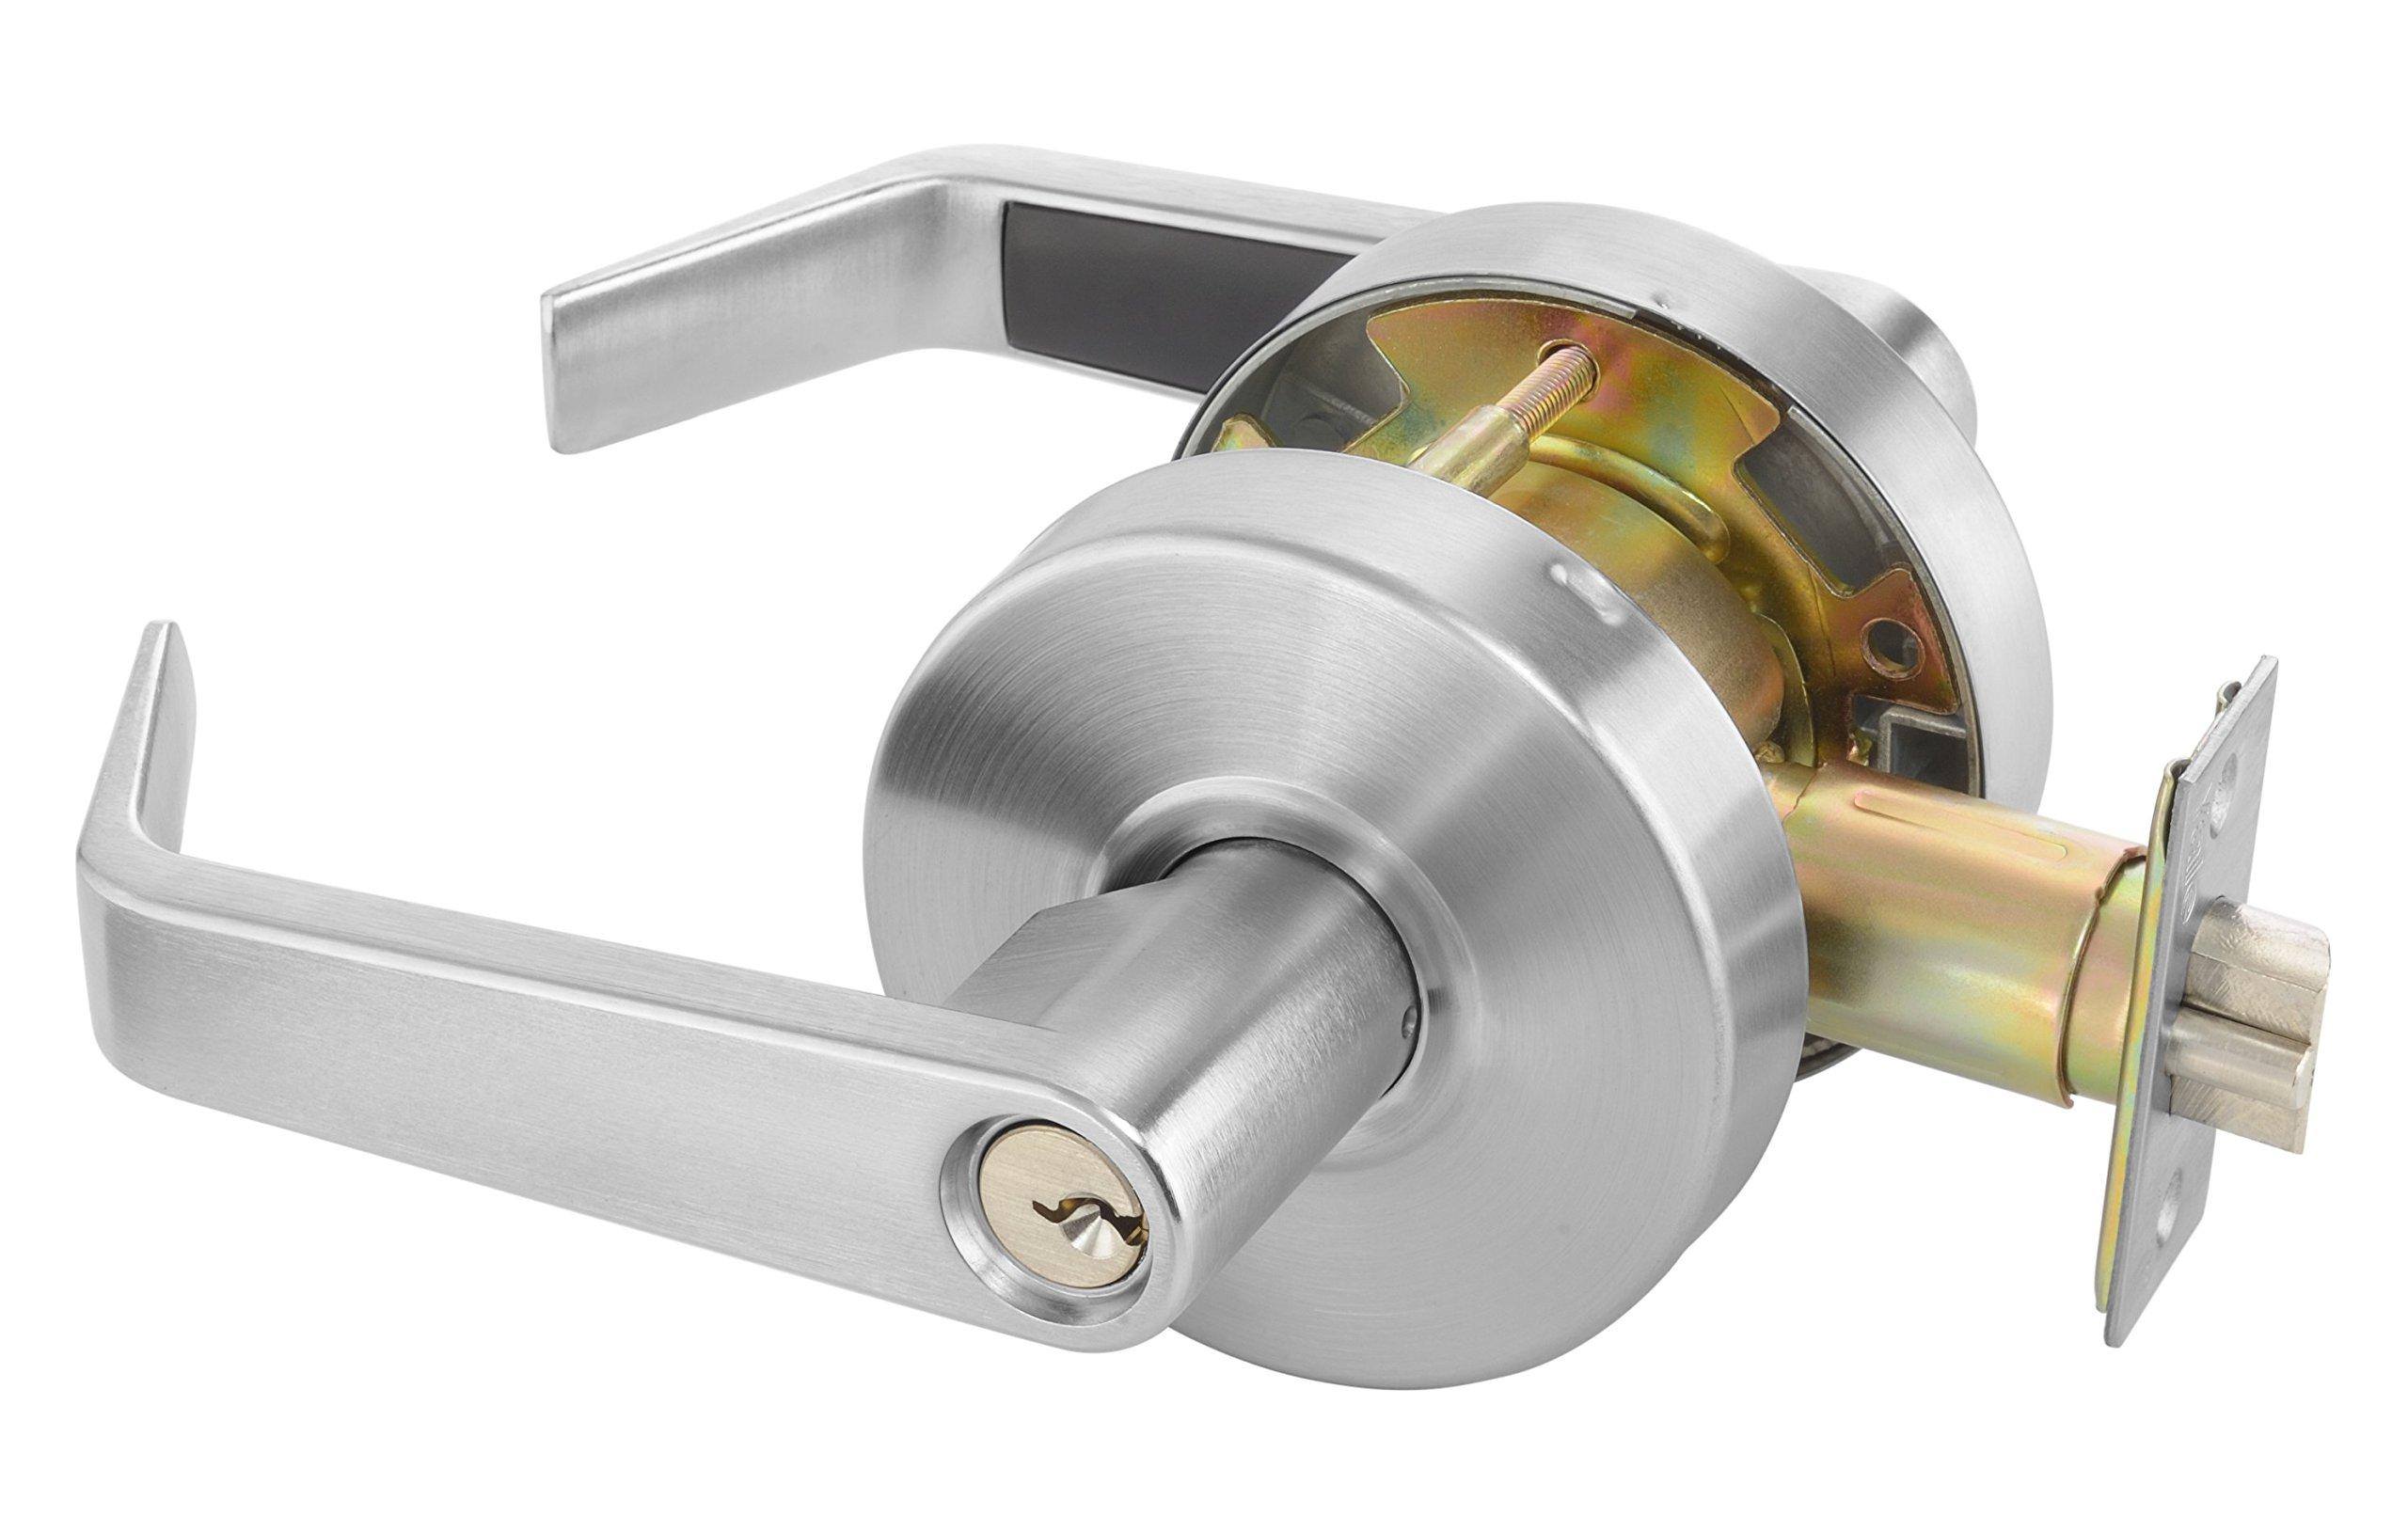 Yale AU 4608LN x 626 x 1806 KR Cylindrical Lockset, Grade 2, Classroom Function, Para Keyway, Keyed Random, 6 Pin, 2 3/4'' Backset, 626 Satin Chrome Finish by Yale